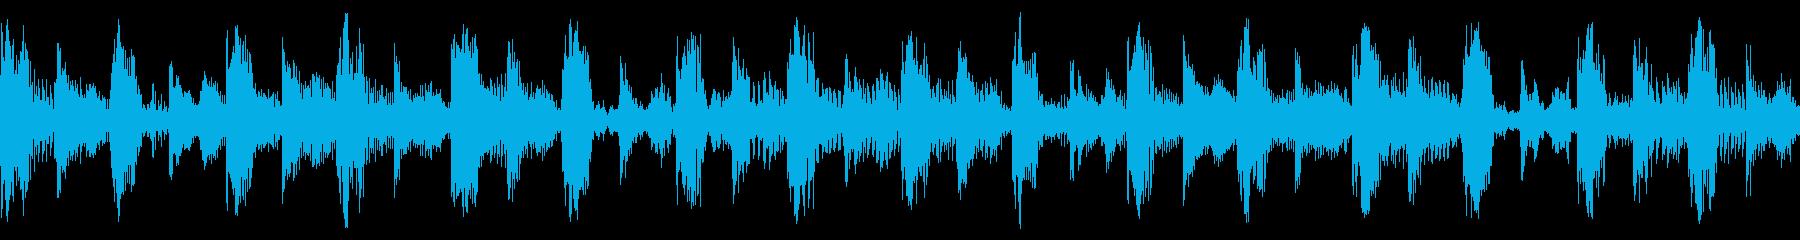 ファンキーなテクハウス/ダンストラ...の再生済みの波形